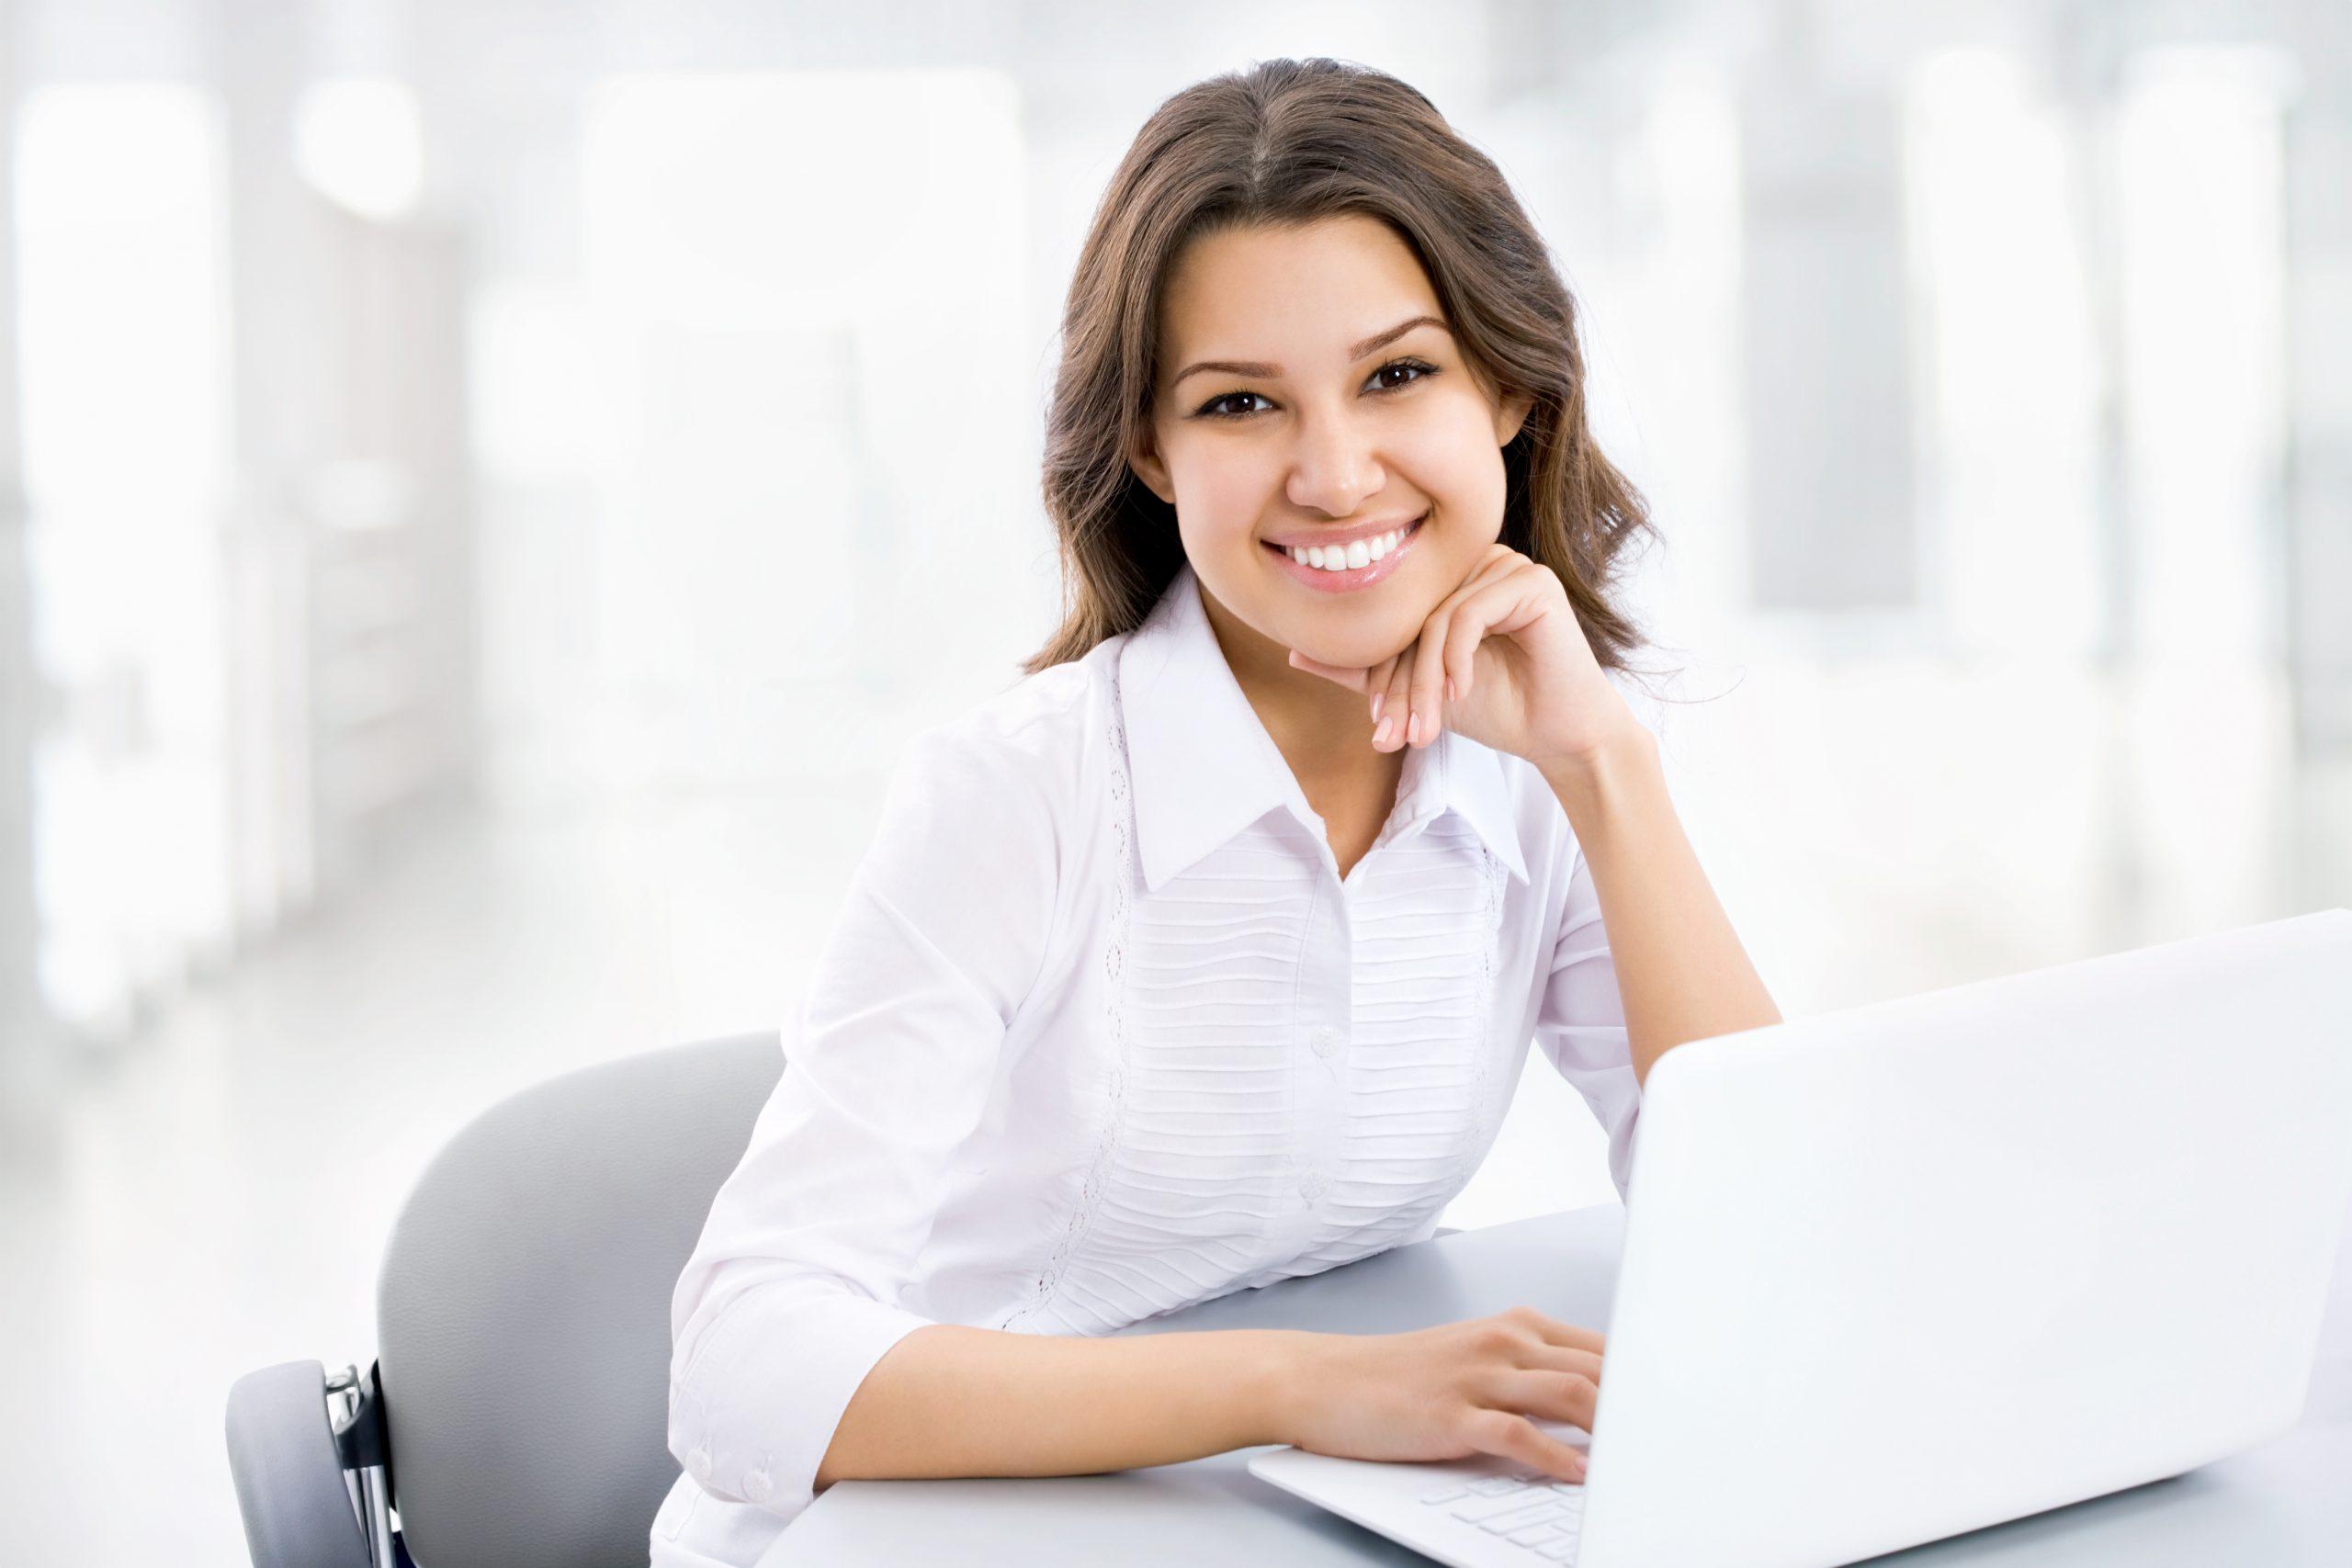 Woman workikng at computer